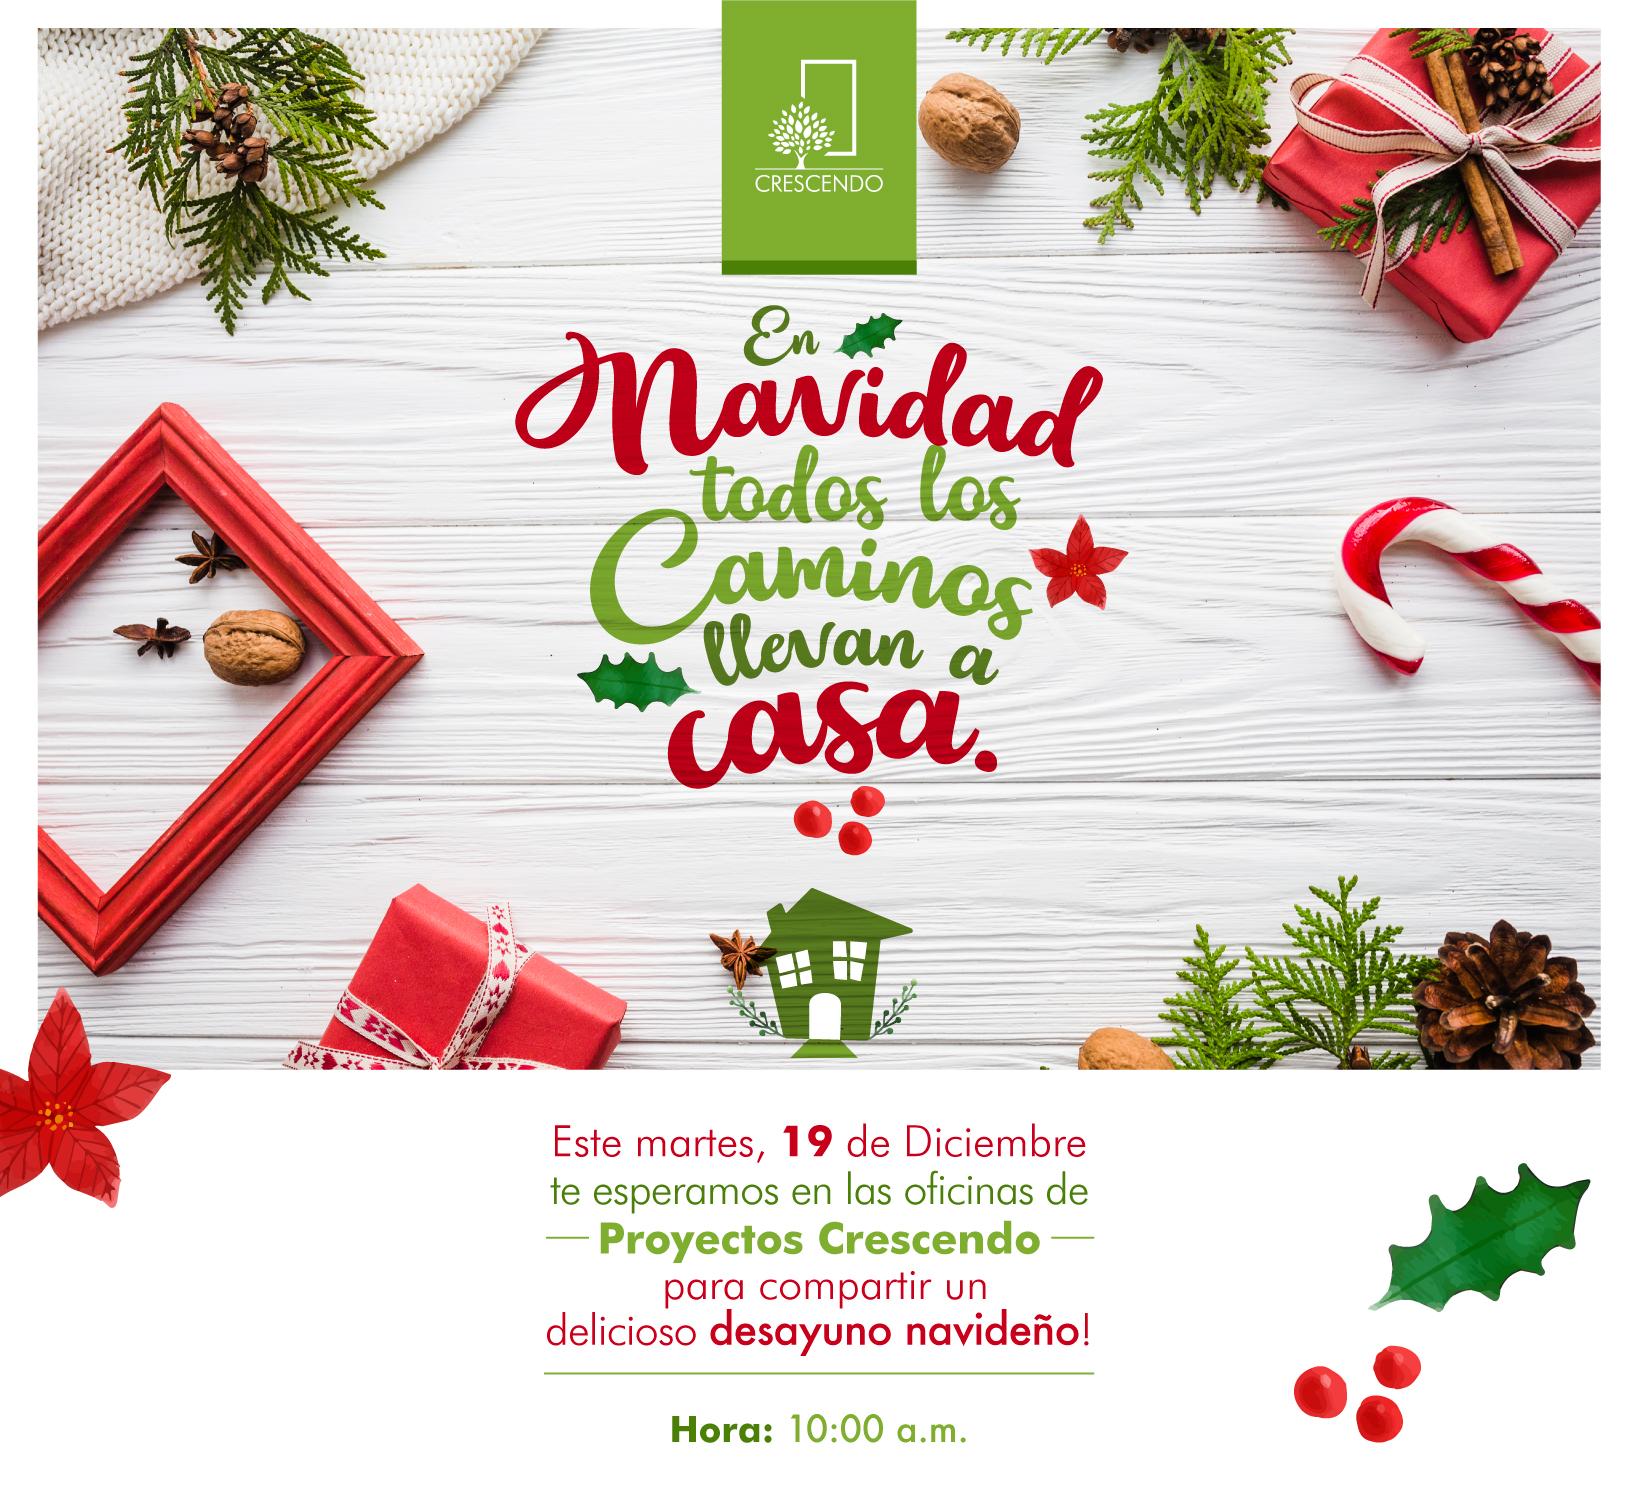 17_12_15_Invitacion_Navidad_Aliados